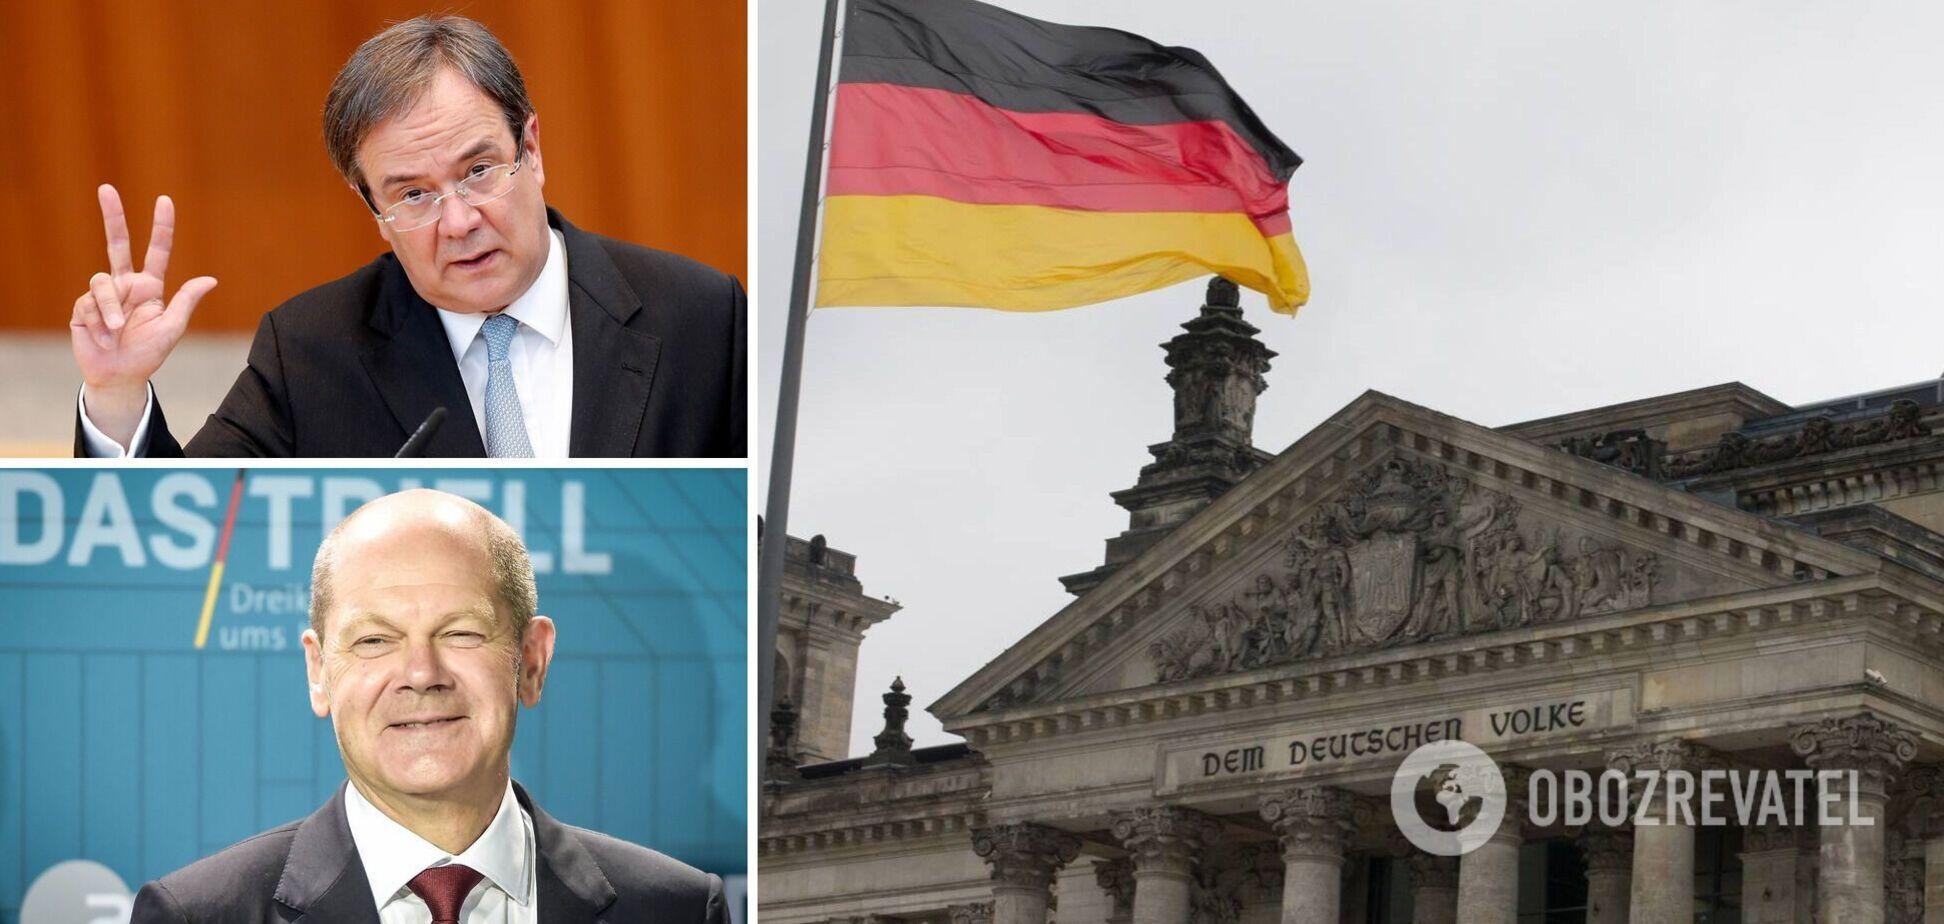 Олаф Шольц или Армин Лашет в итоге займет место канцлера Германии